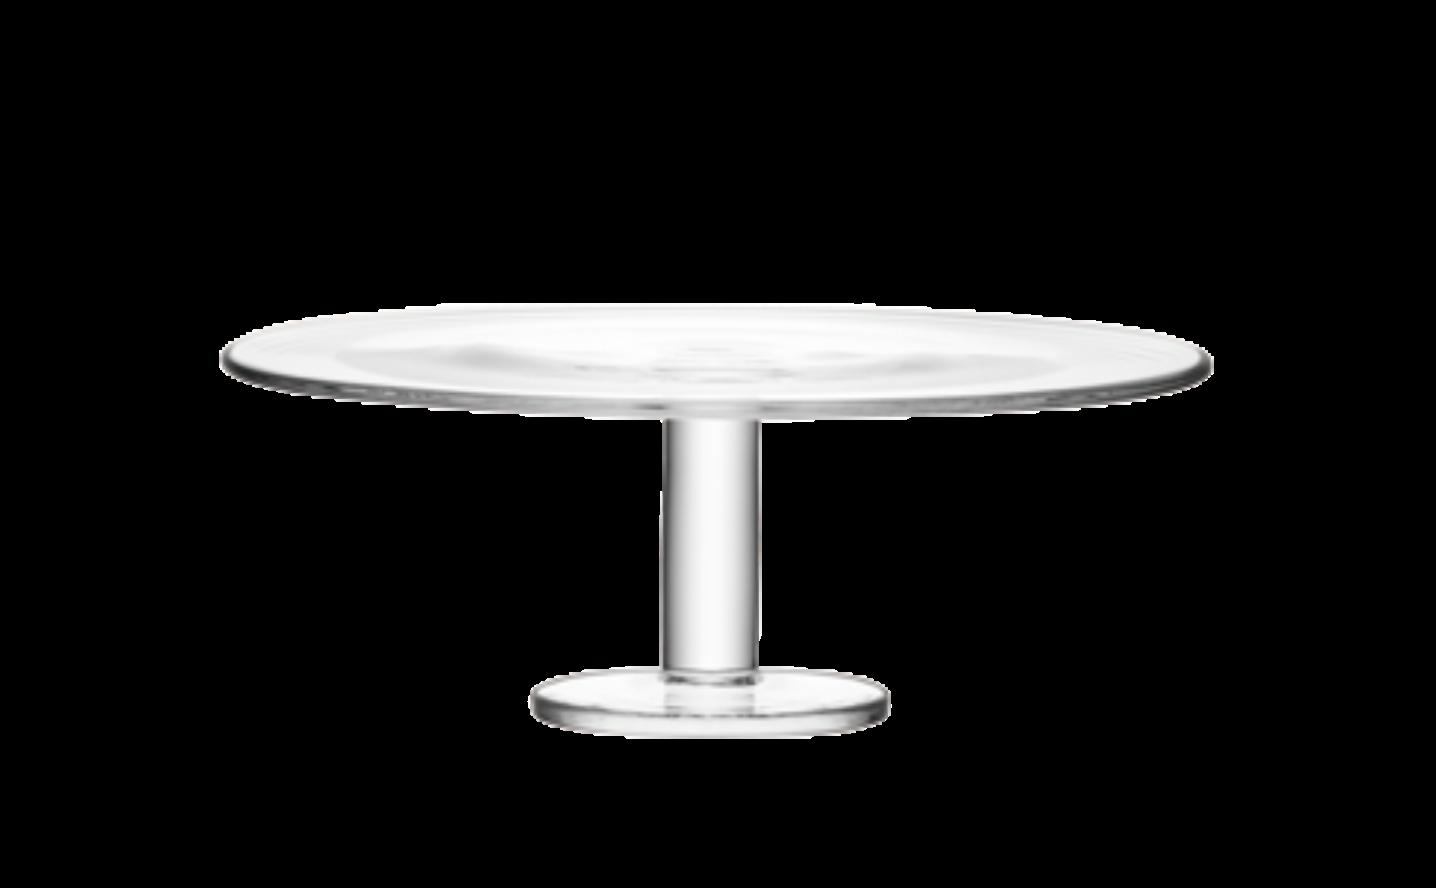 KONSTANTIN-Cakestand-Clear-LSA-International-e1615571659935-1600×0-c-default